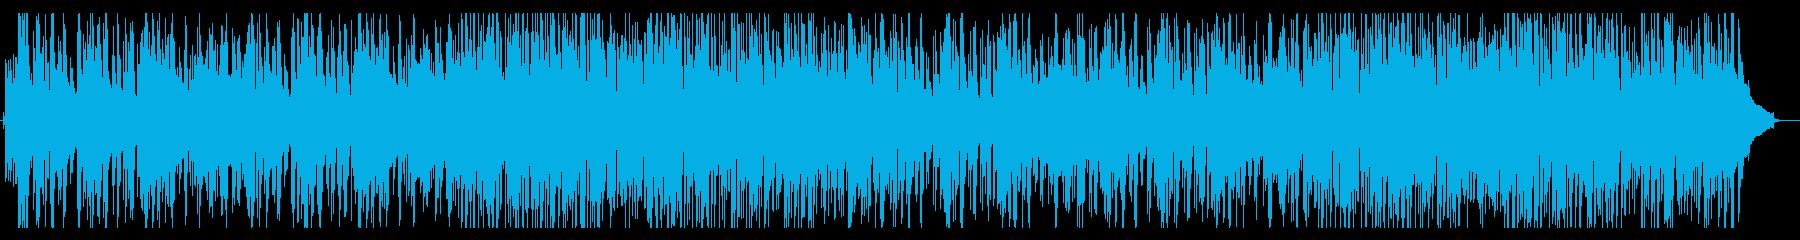 ノリノリな明るいラテンポップの再生済みの波形